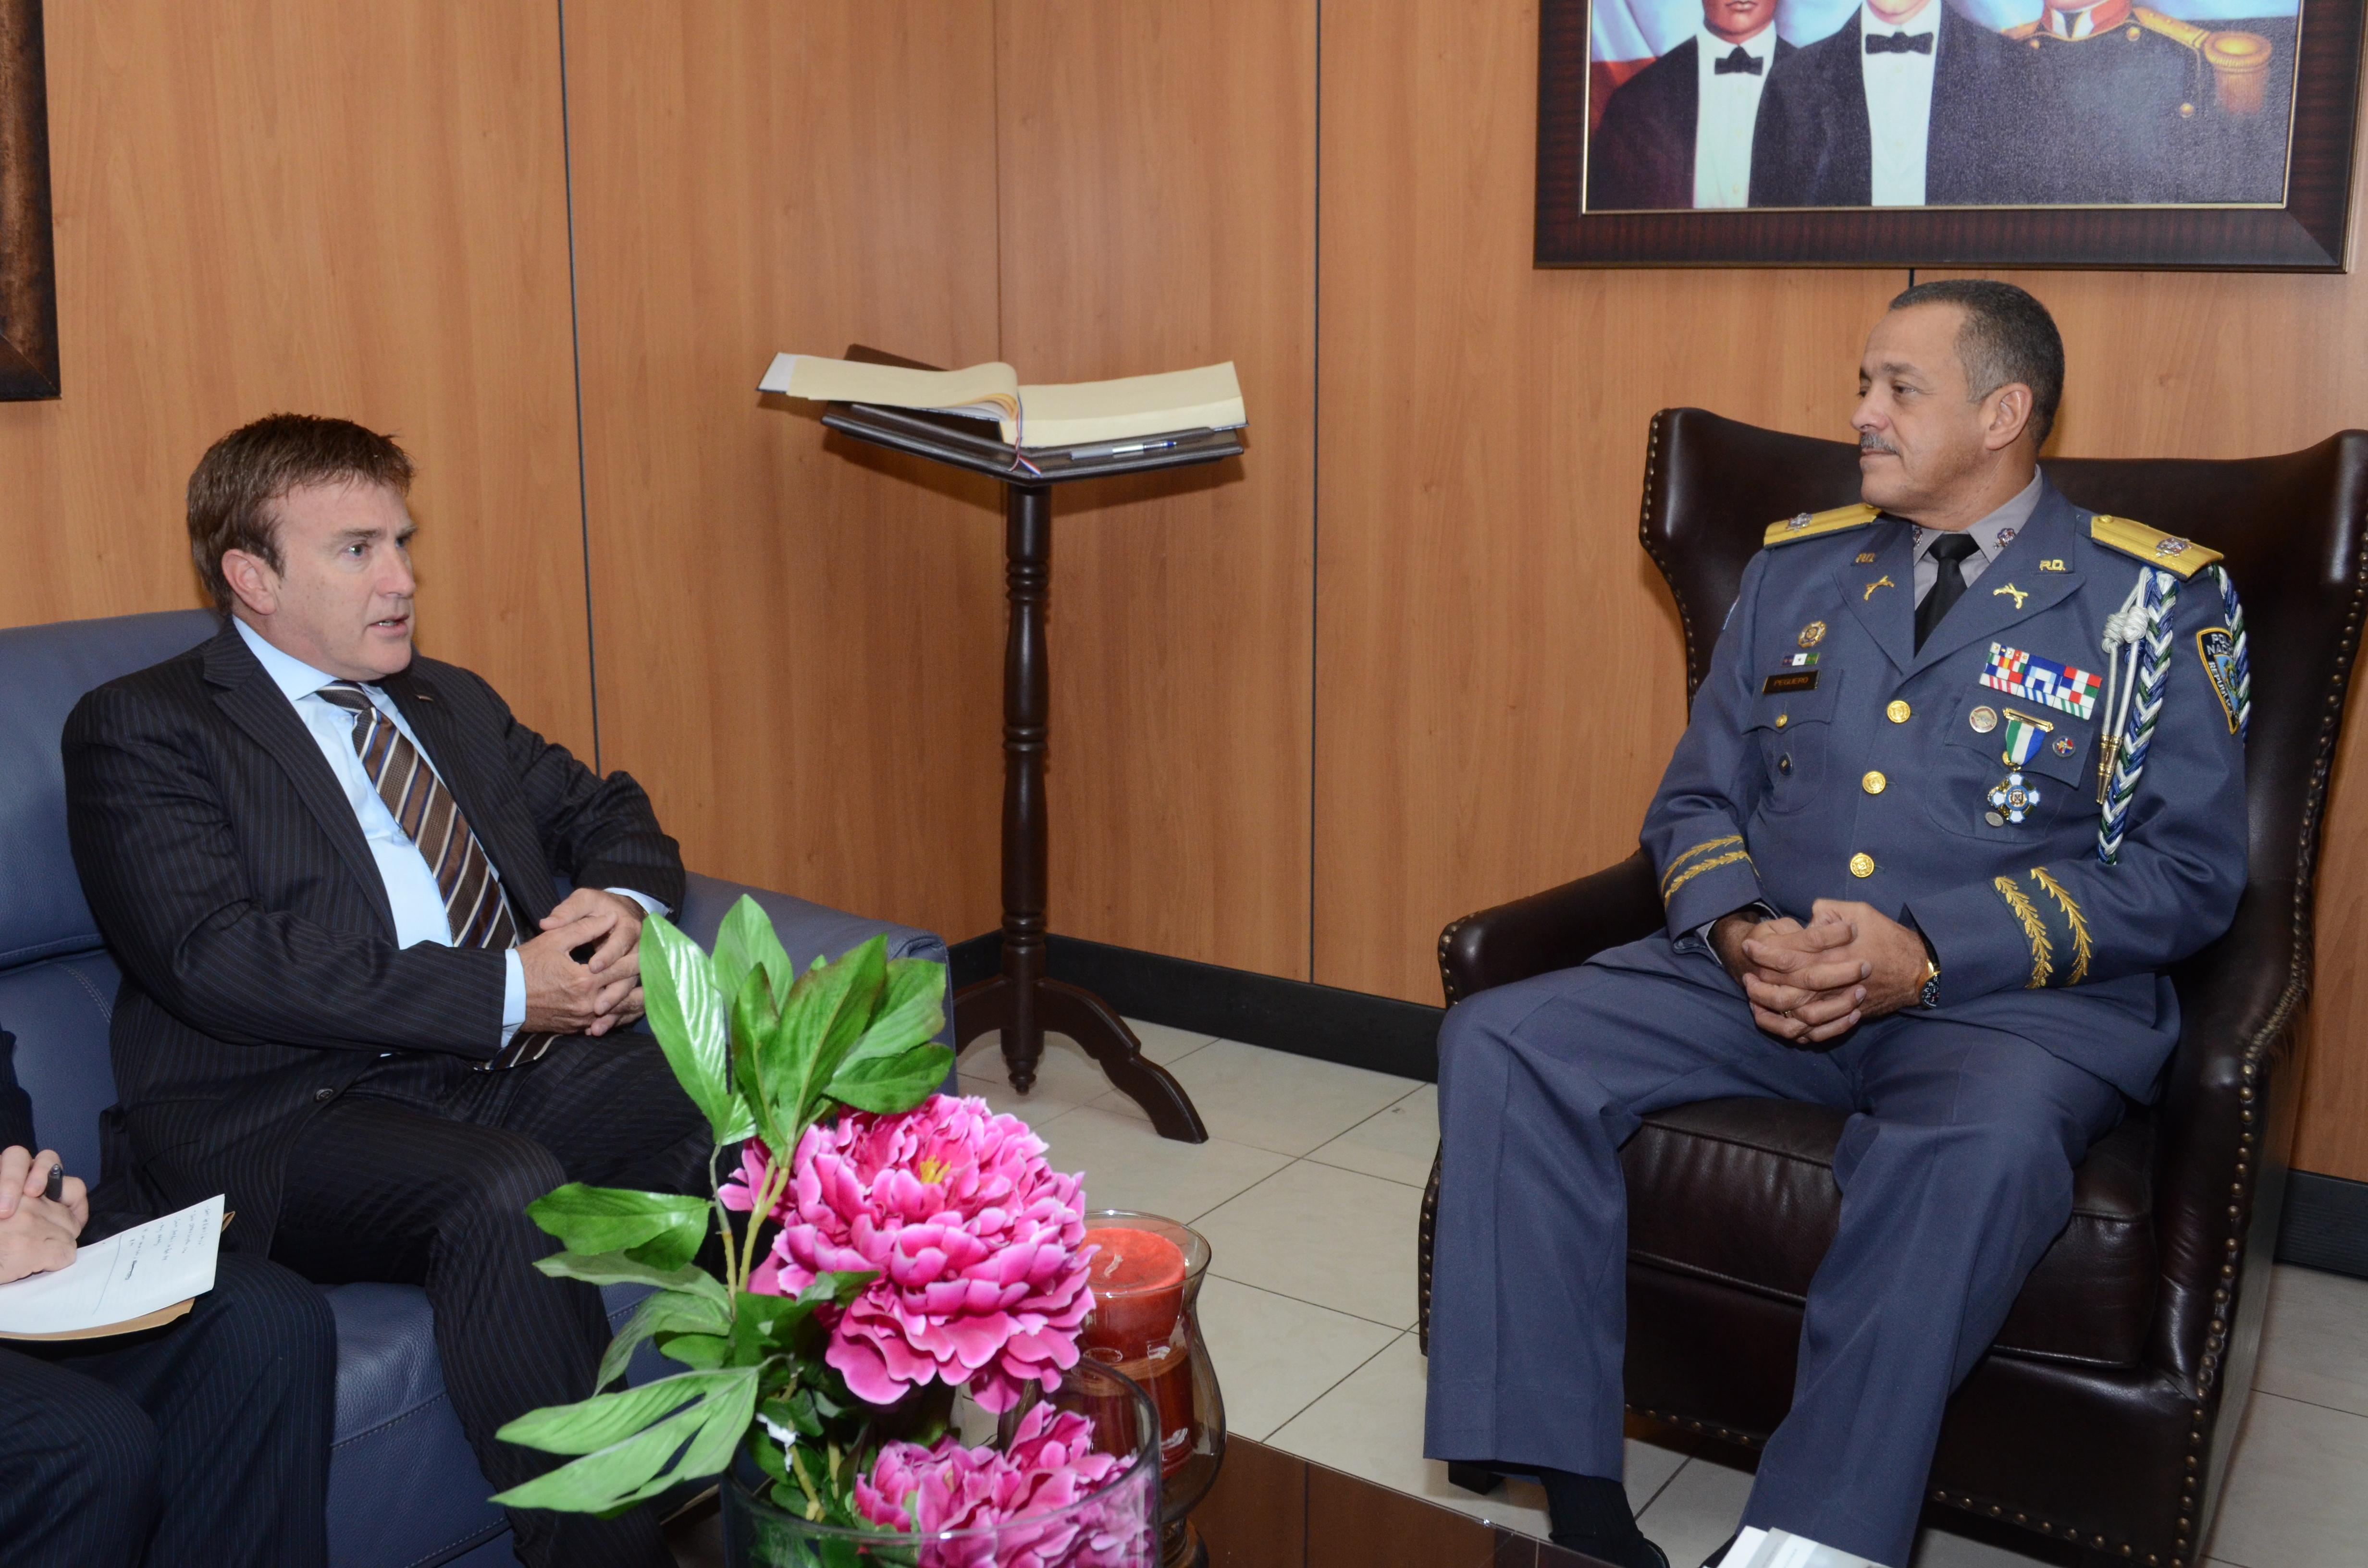 Embajador de EEUU visita Jefe PN y reafirma lazos de cooperación